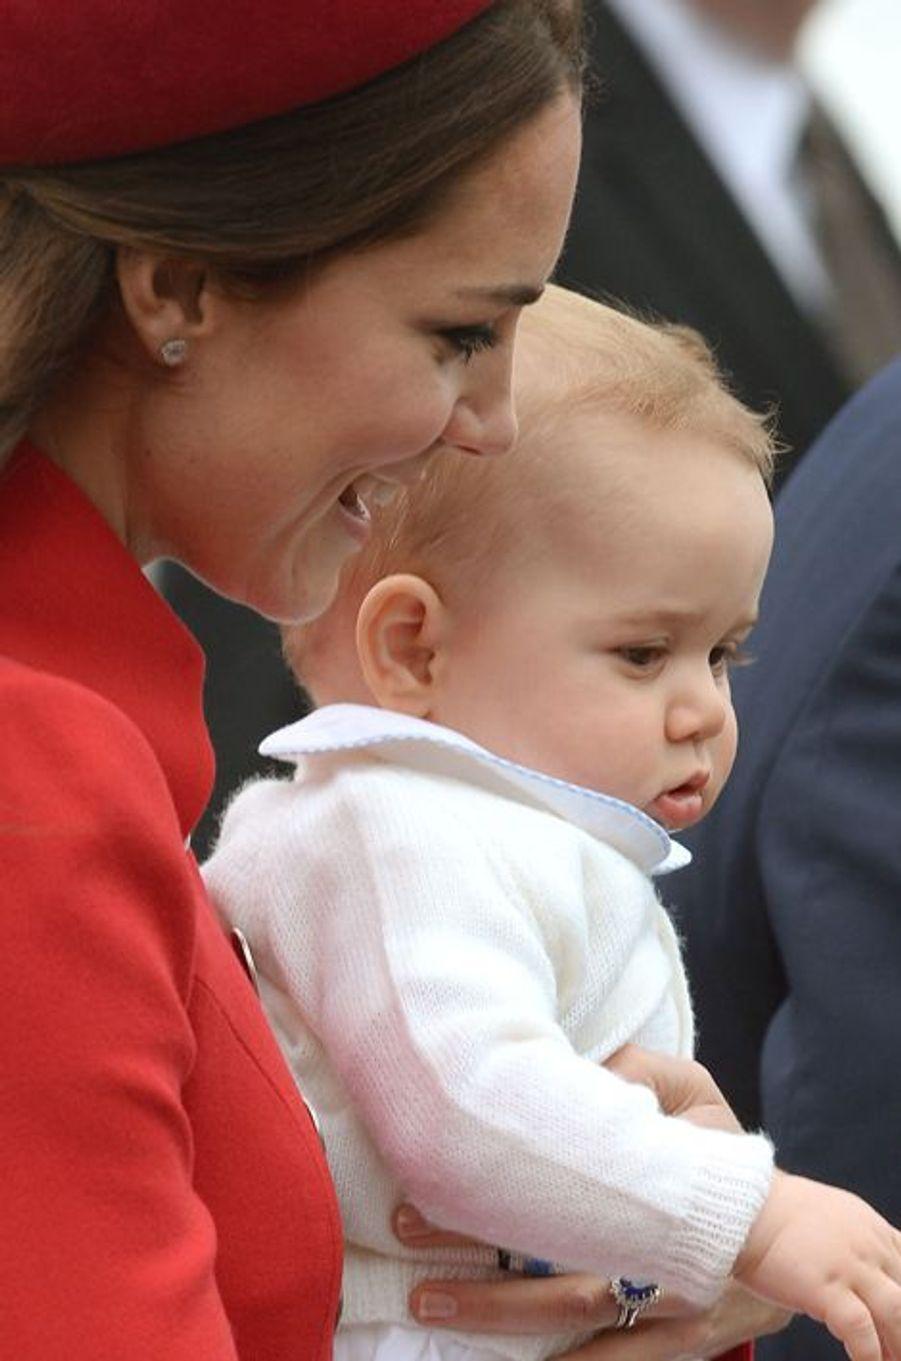 Lundi 07 Avril 2014,le duc et la duchesse de Cambridge arrivent avec le Prince George au terminal militaire de Wellington. Première étape de leurs 18 jours de visite officielle en Nouvelle-Zélande et en Australie .